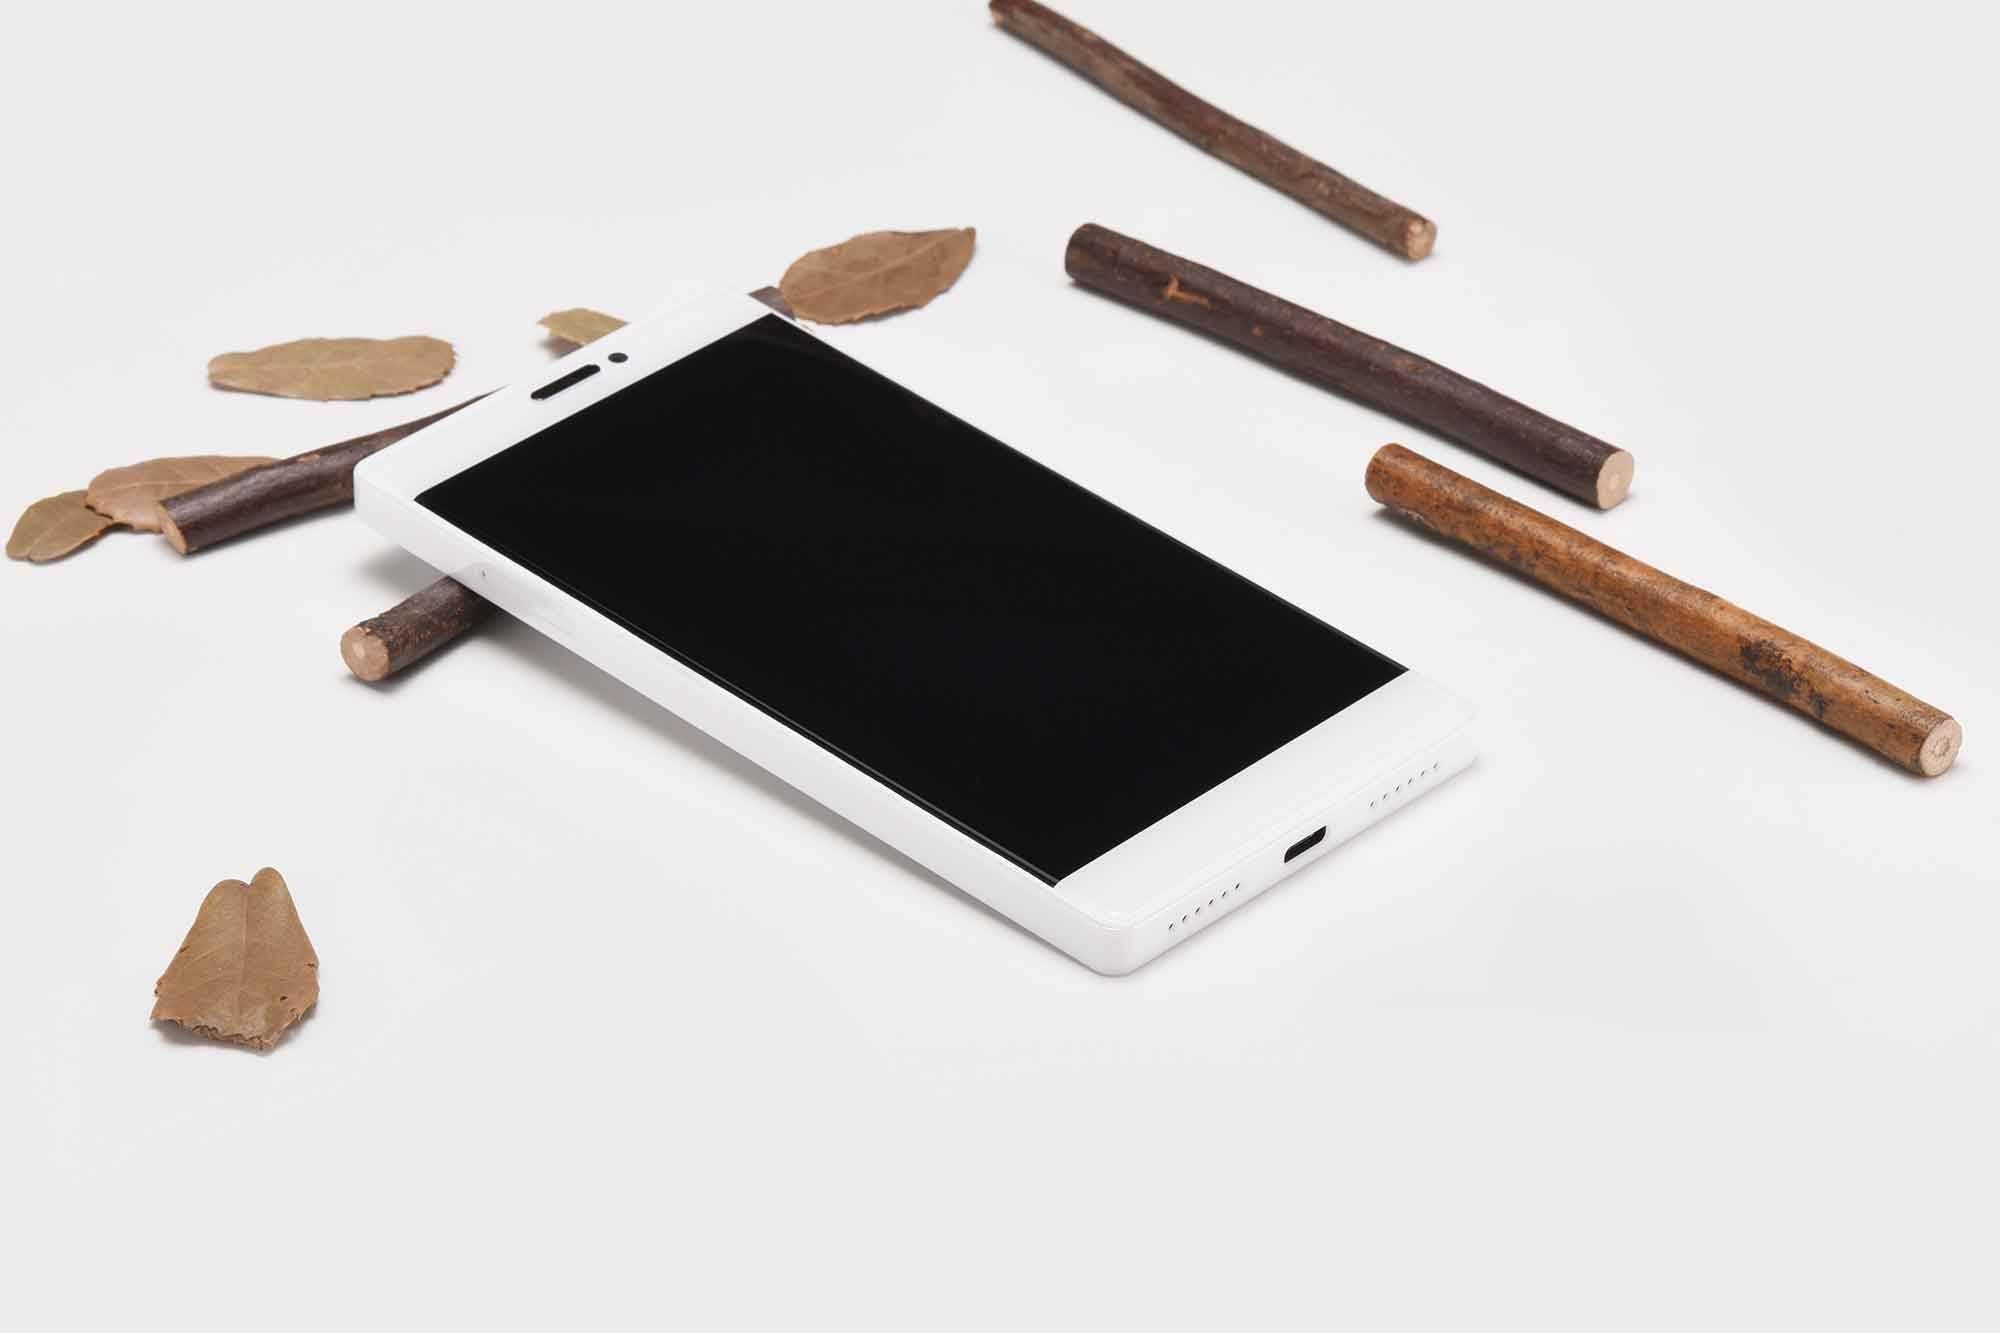 Royole flexpai - первый по-настоящему гнущийся смартфон / мобильные устройства / новости фототехники